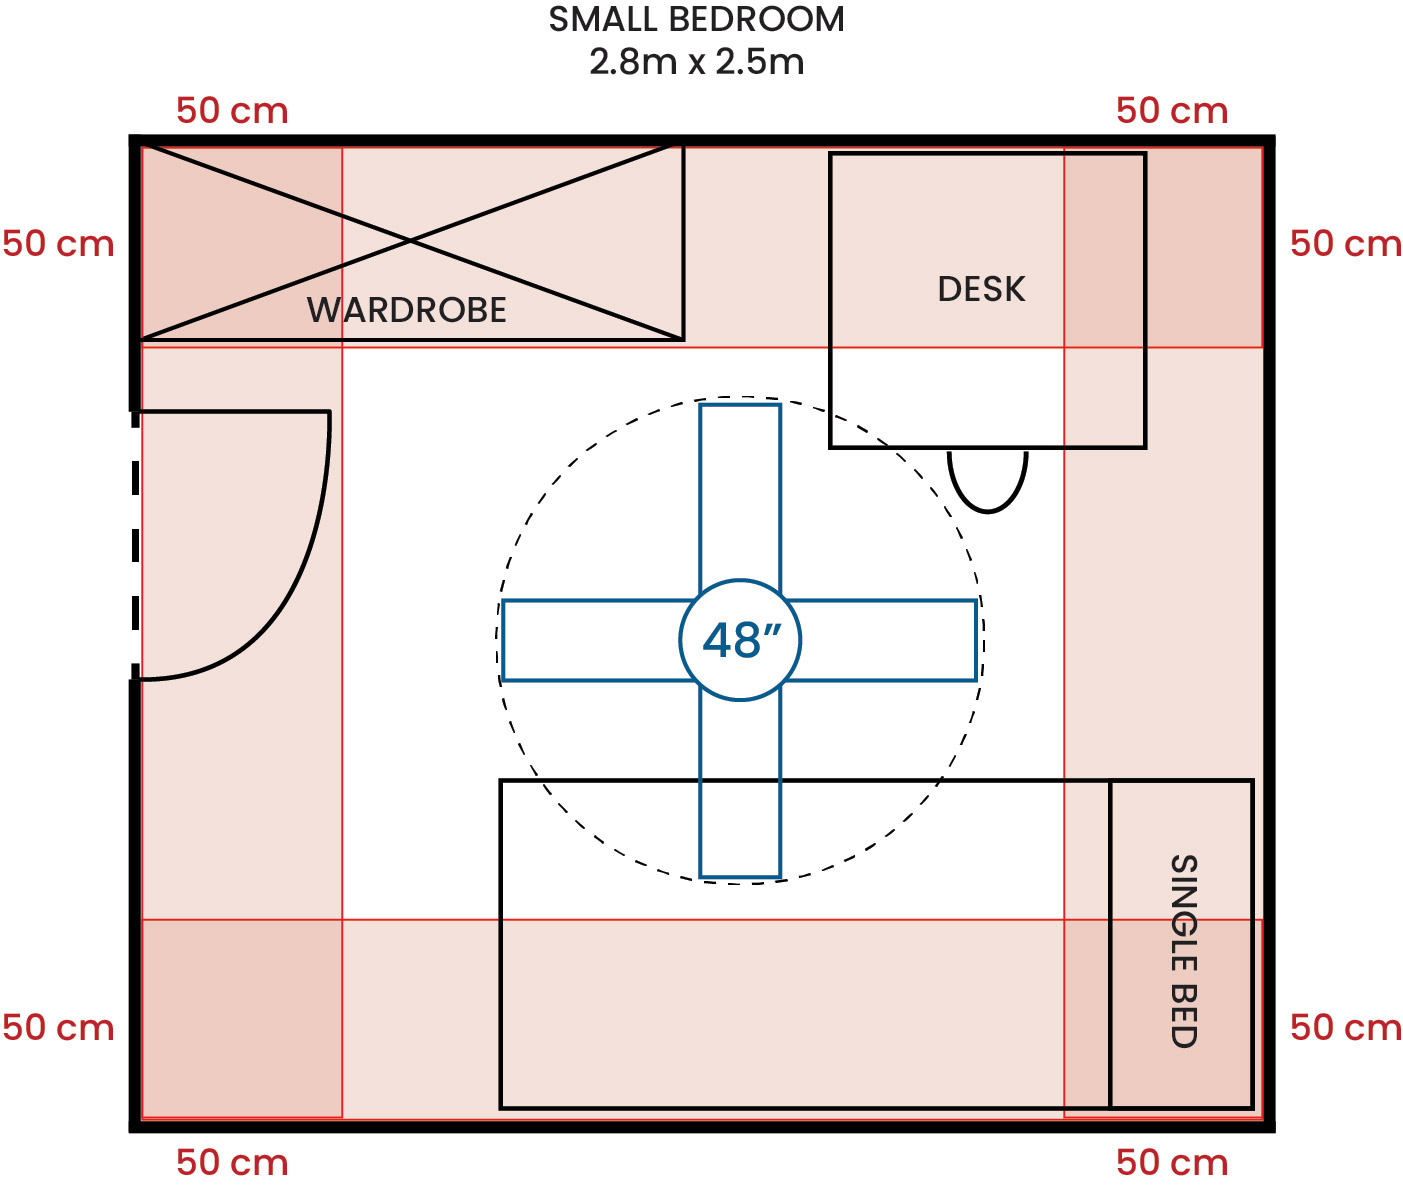 Small Bedroom 280 250 48F G